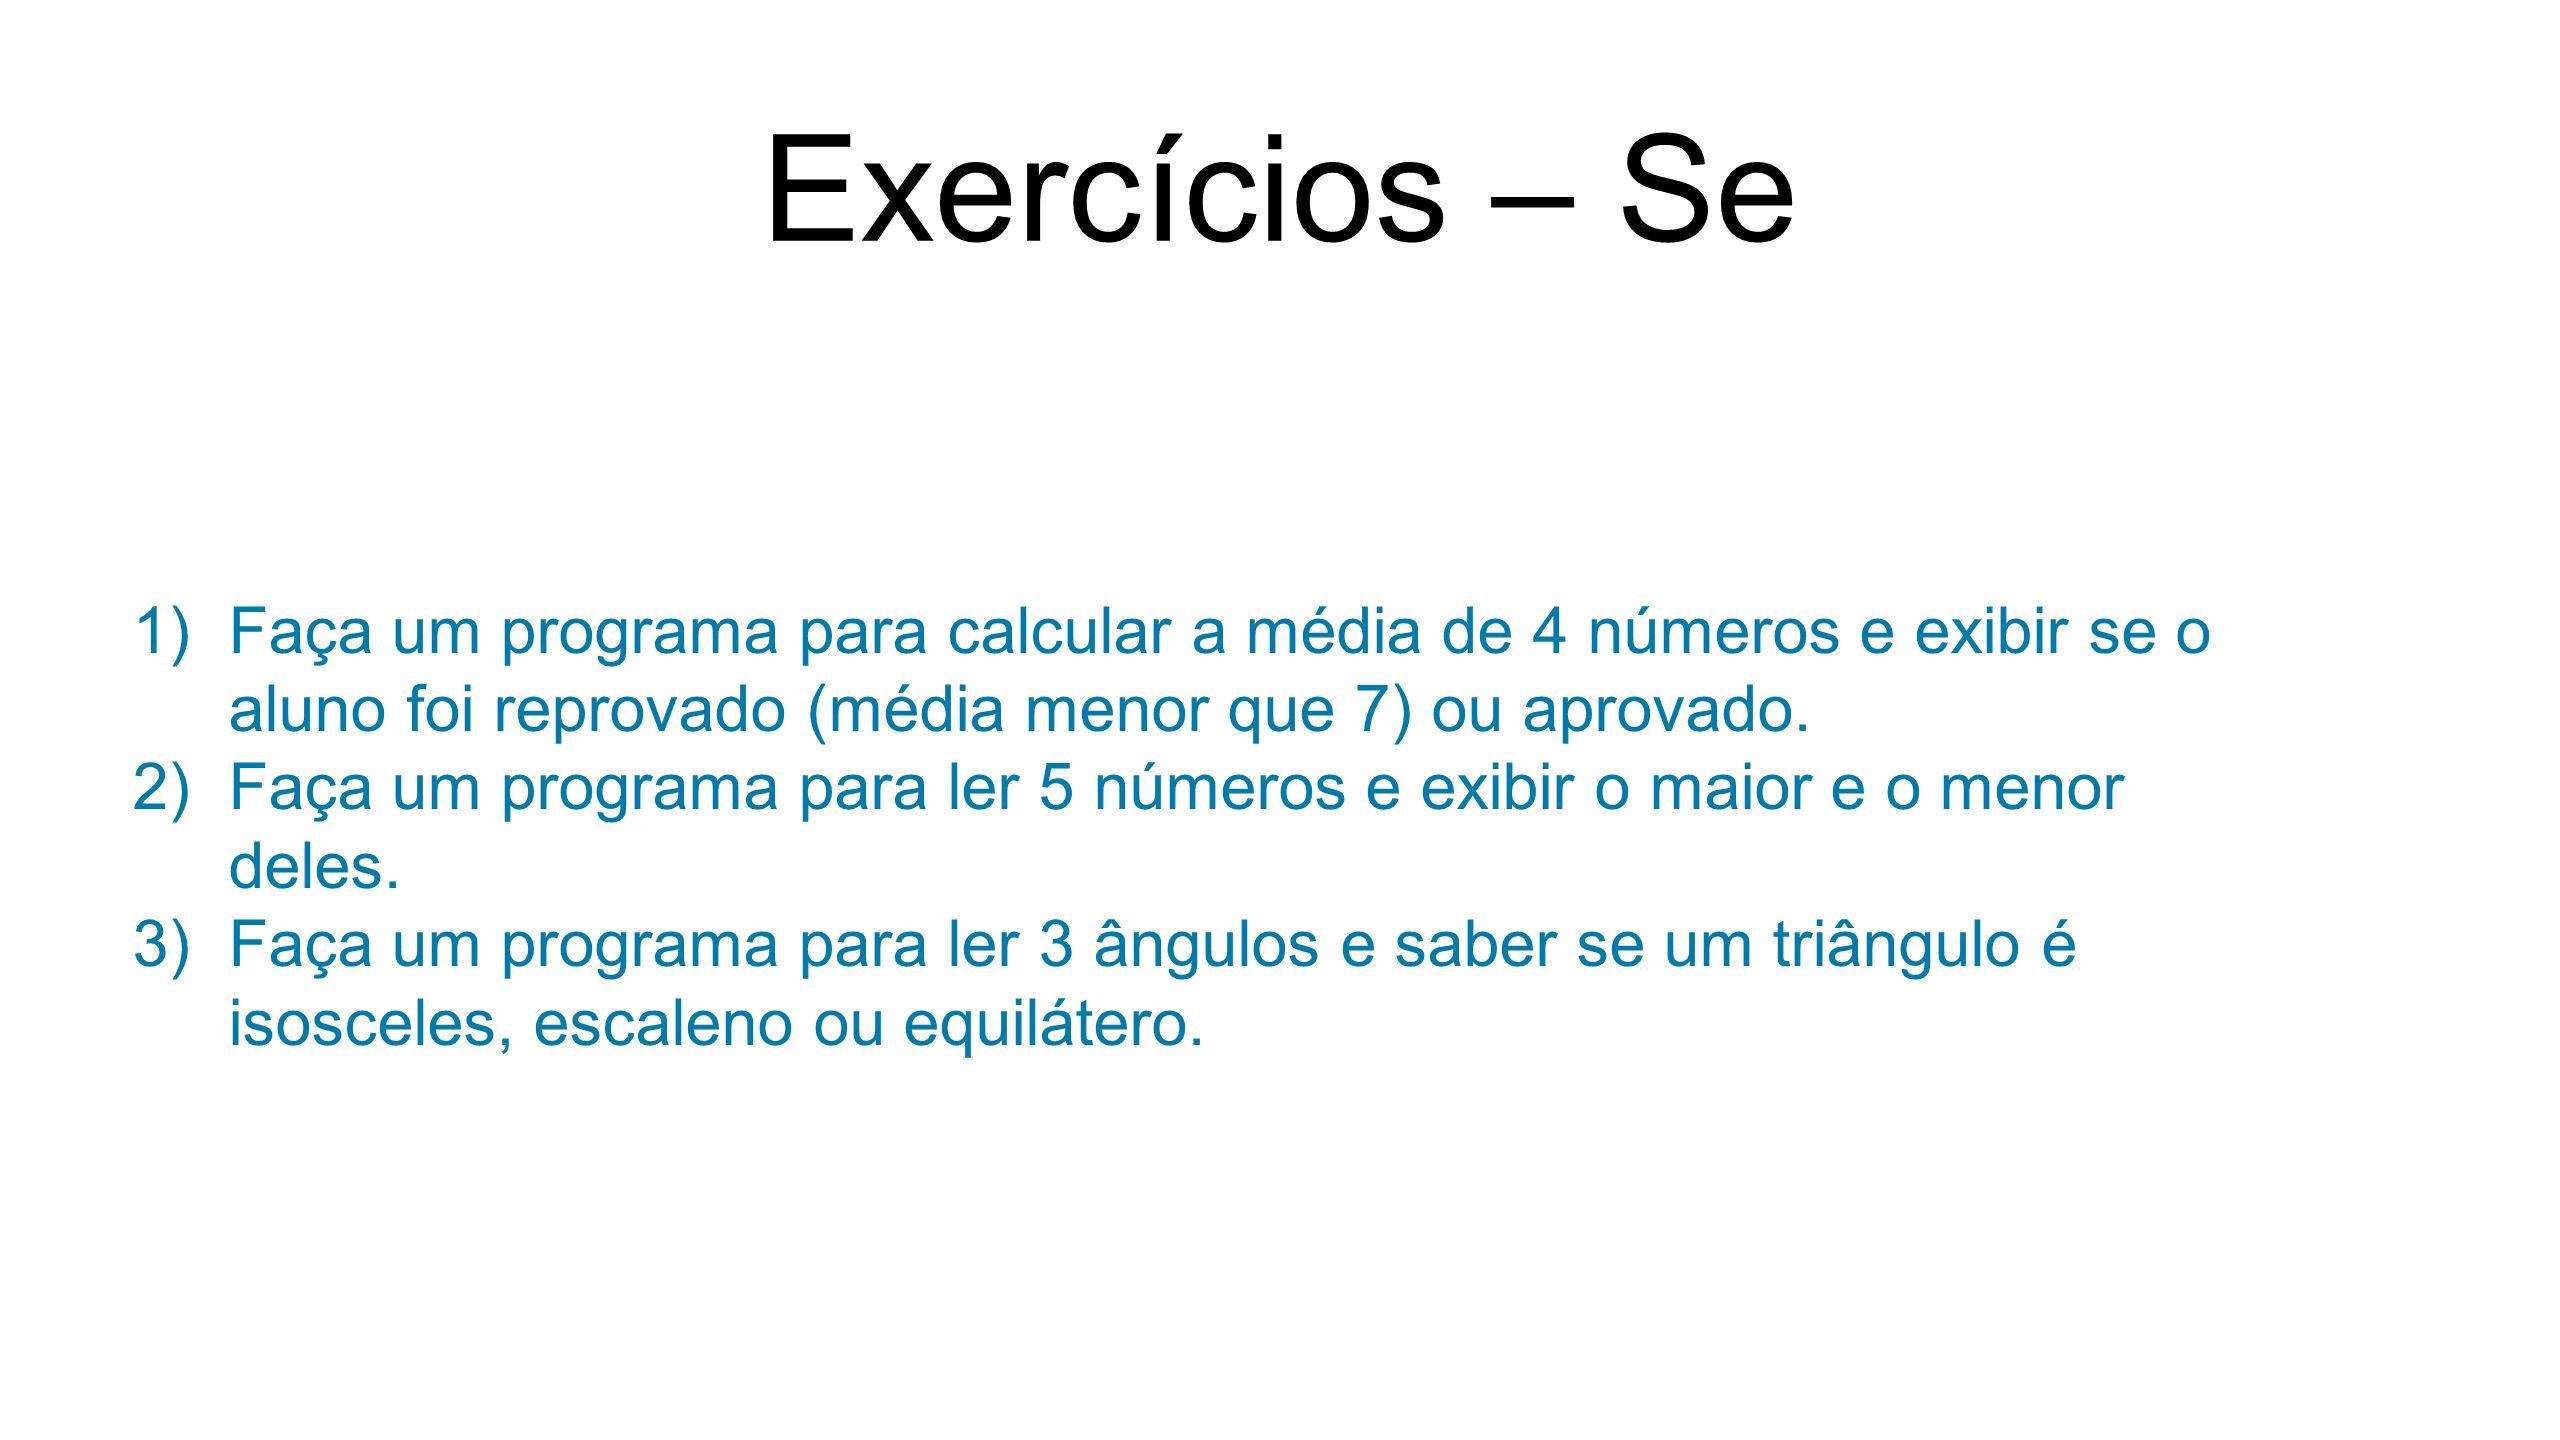 Exercícios – Se Faça um programa para calcular a média de 4 números e exibir se o aluno foi reprovado (média menor que 7) ou aprovado.